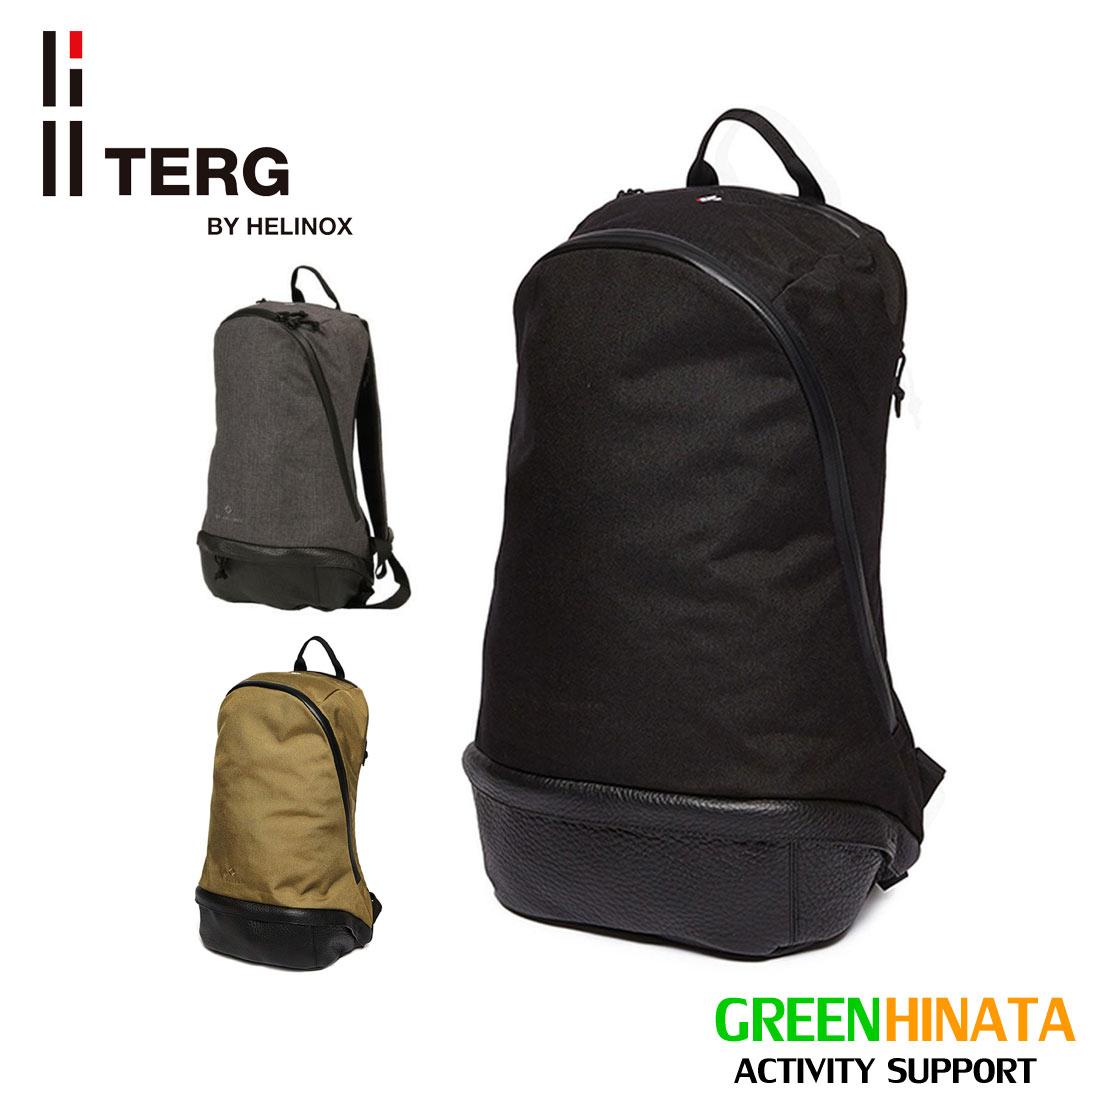 【国内正規品】 ターグ デイパック リュックサック TERG DAYPACK バックパック バッグ